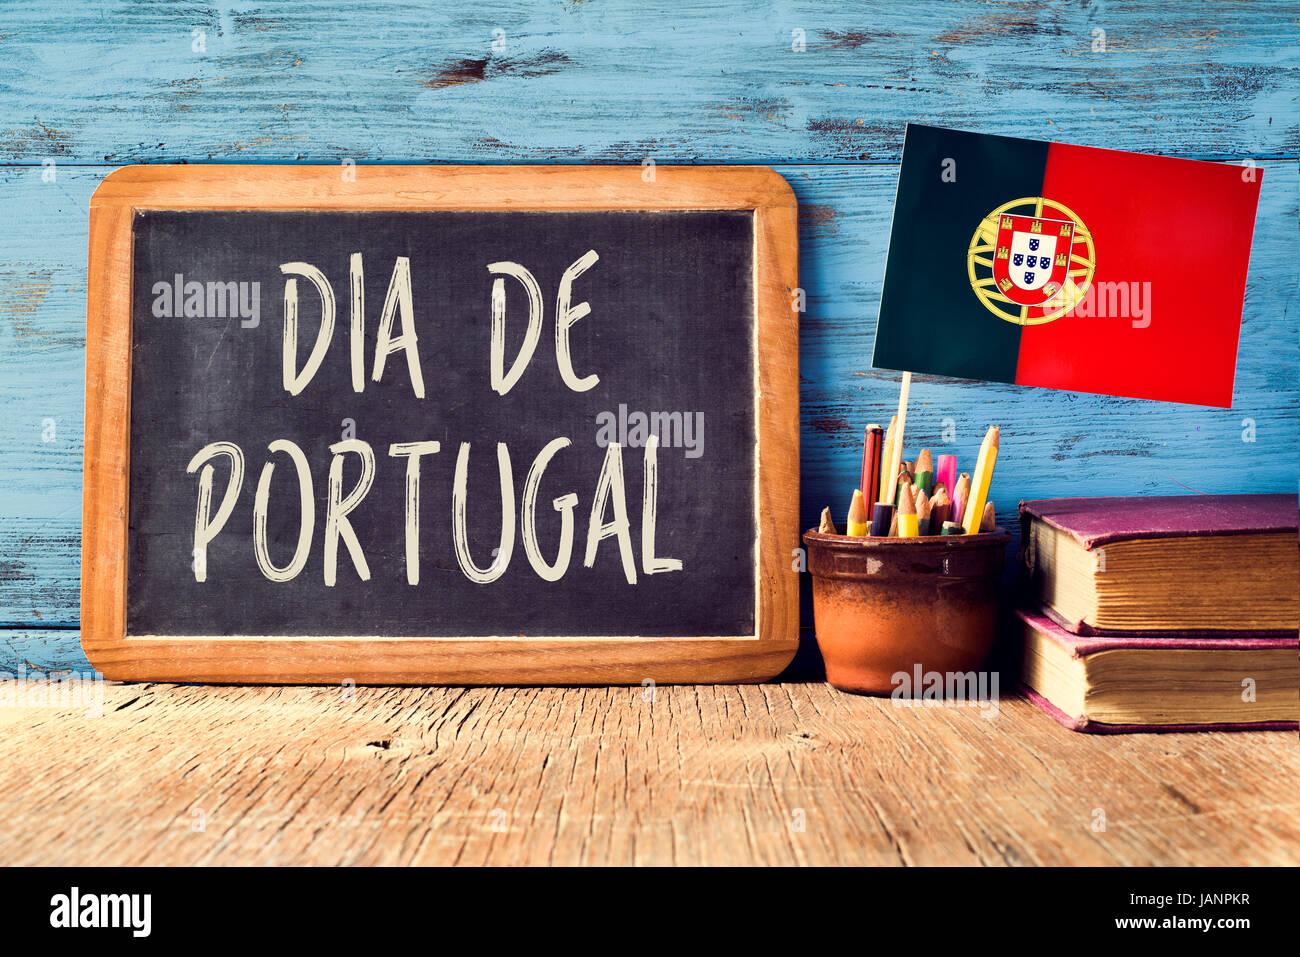 der Text Dia de Portugal, Portugal-Tag in eine Tafel und eine Flagge von Portugal, auf einem rustikalen Holztisch Stockbild